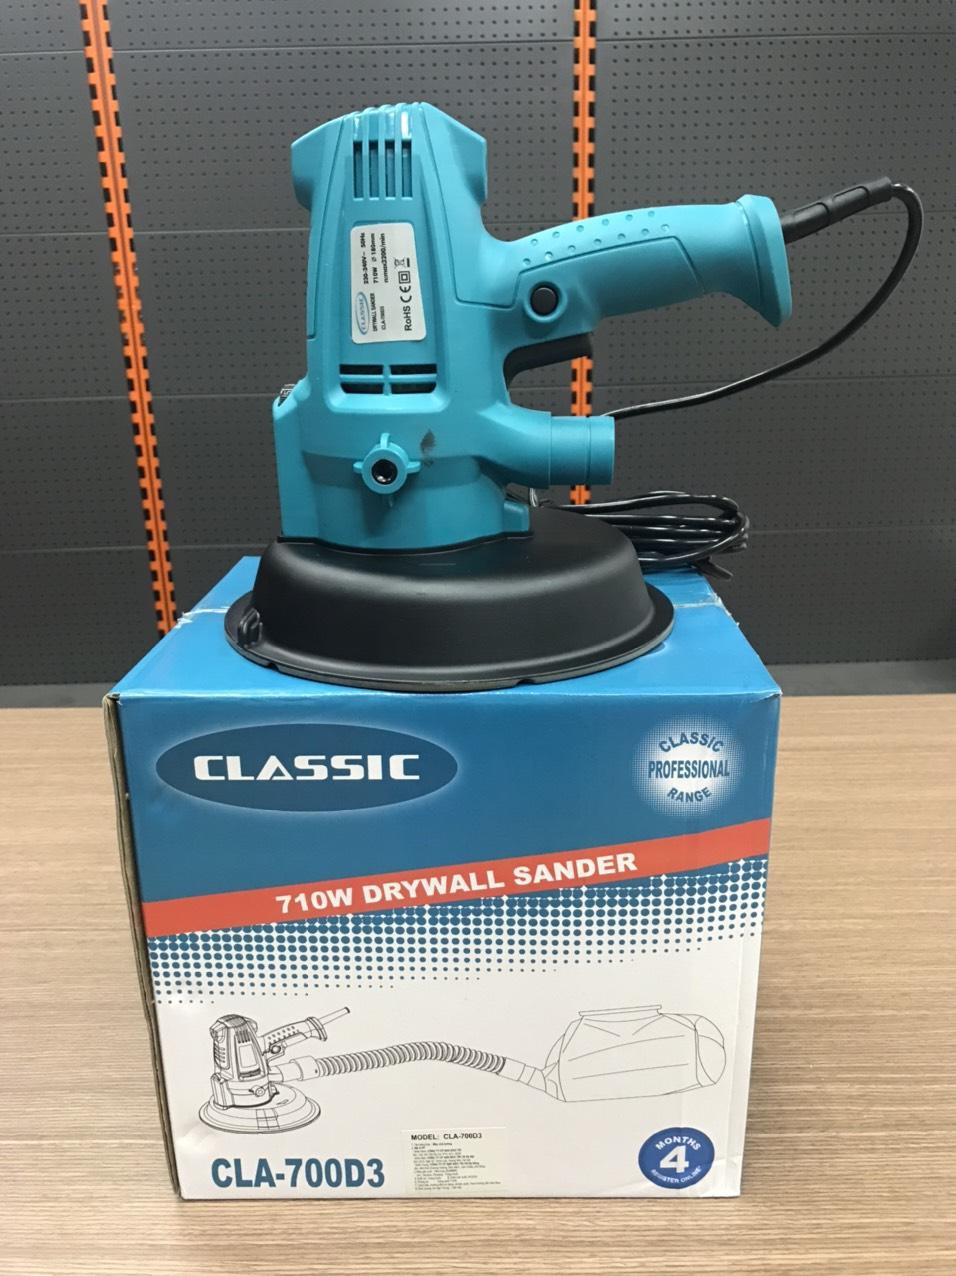 MÁY CHÀ TƯỜNG CLASSIC CLA-700D3 (180MM) (710W)- HÀNG CHÍNH HÃNG